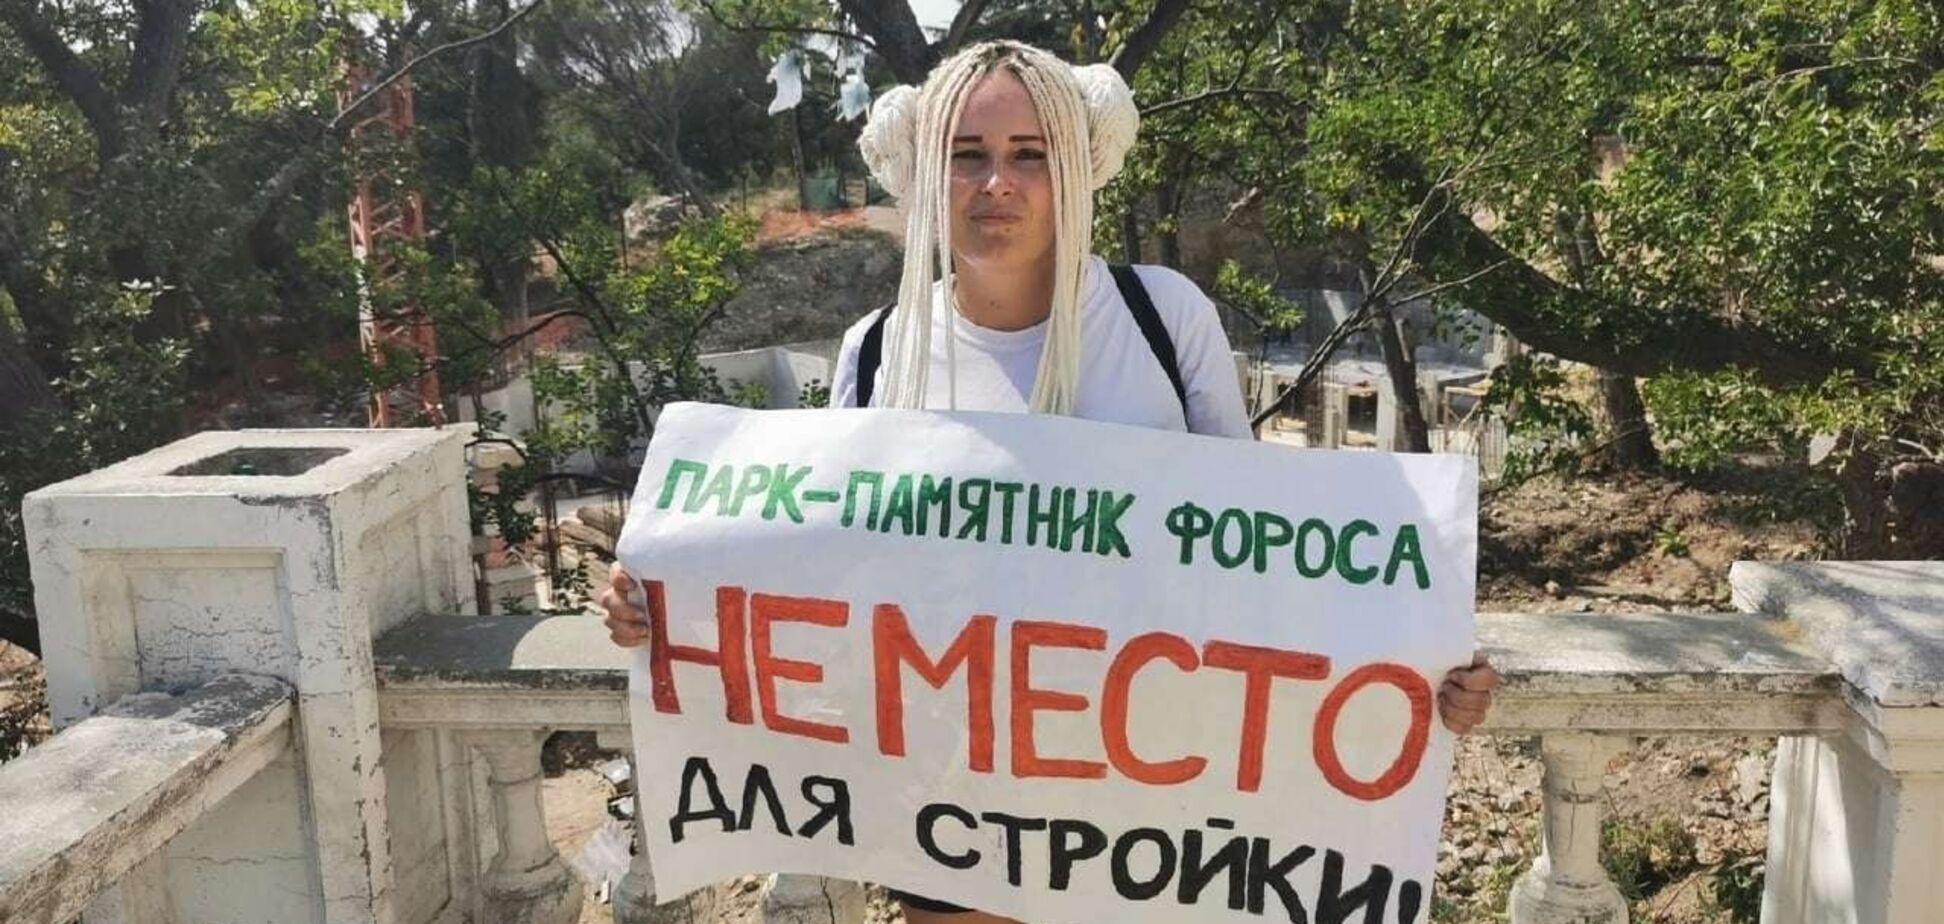 Новини Кримнаша. Окупанти всіх кримчан видавлюють з Криму